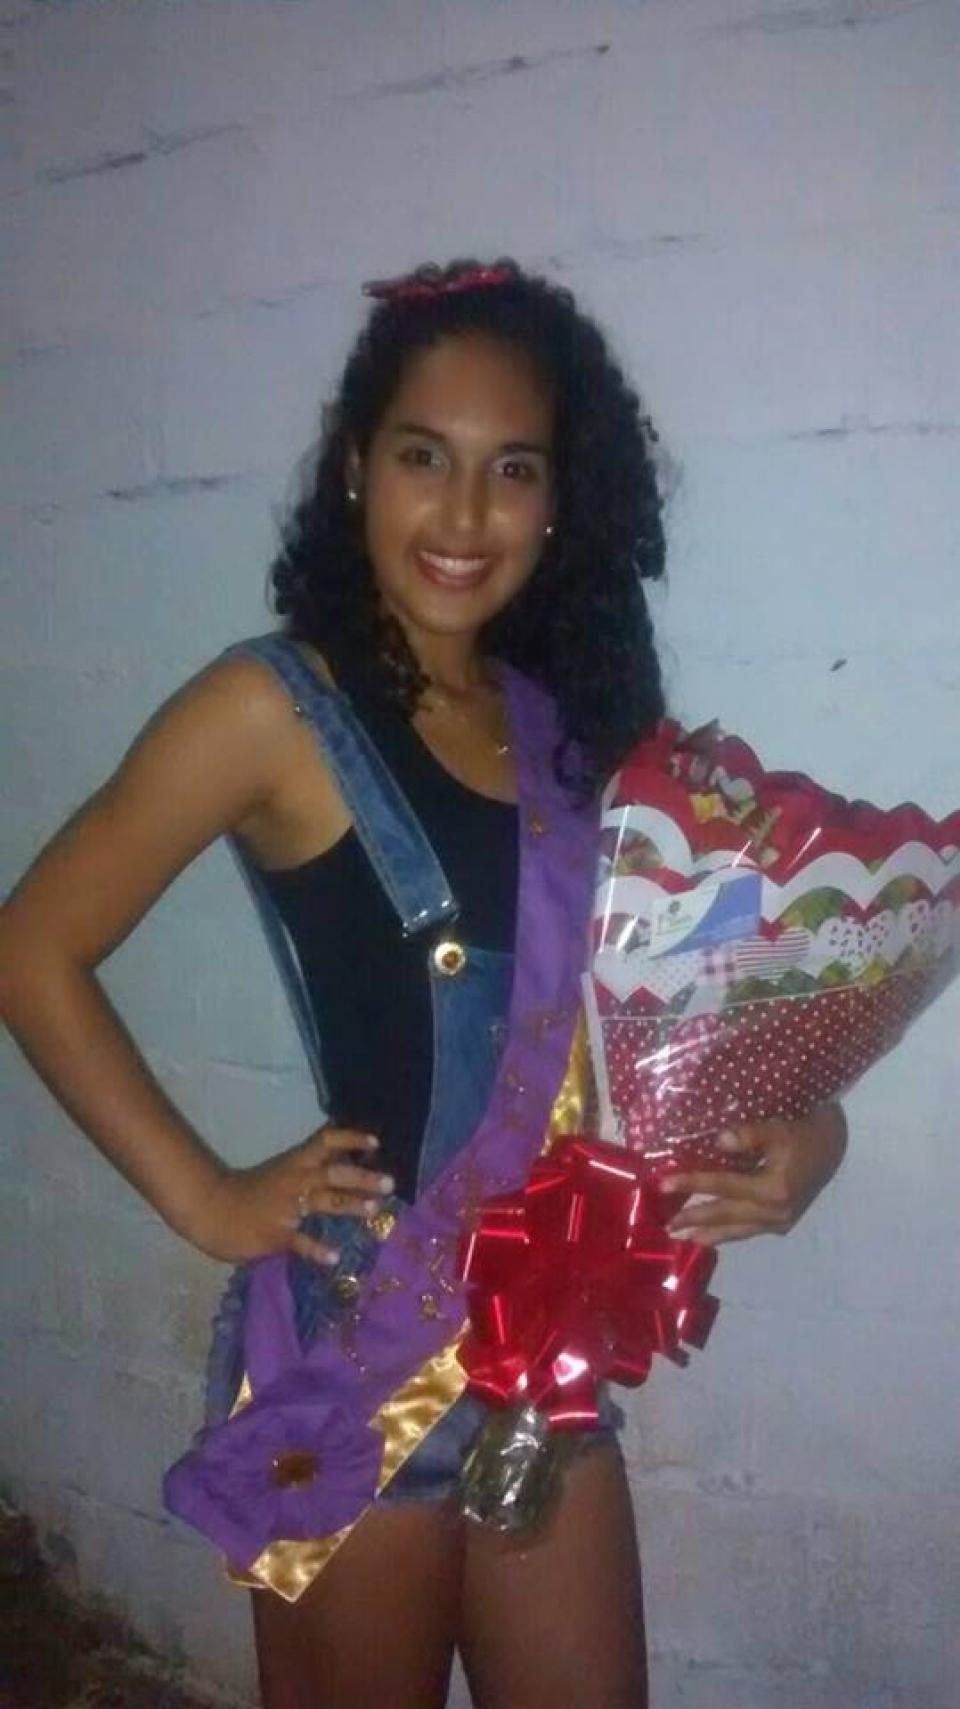 Parabéns à lindinha Natália Fontes, vencedora do concurso Garota JC, realizado sábado passado (6) lá em Sta.Terezinha, promoção do Jornal da Comunidade.